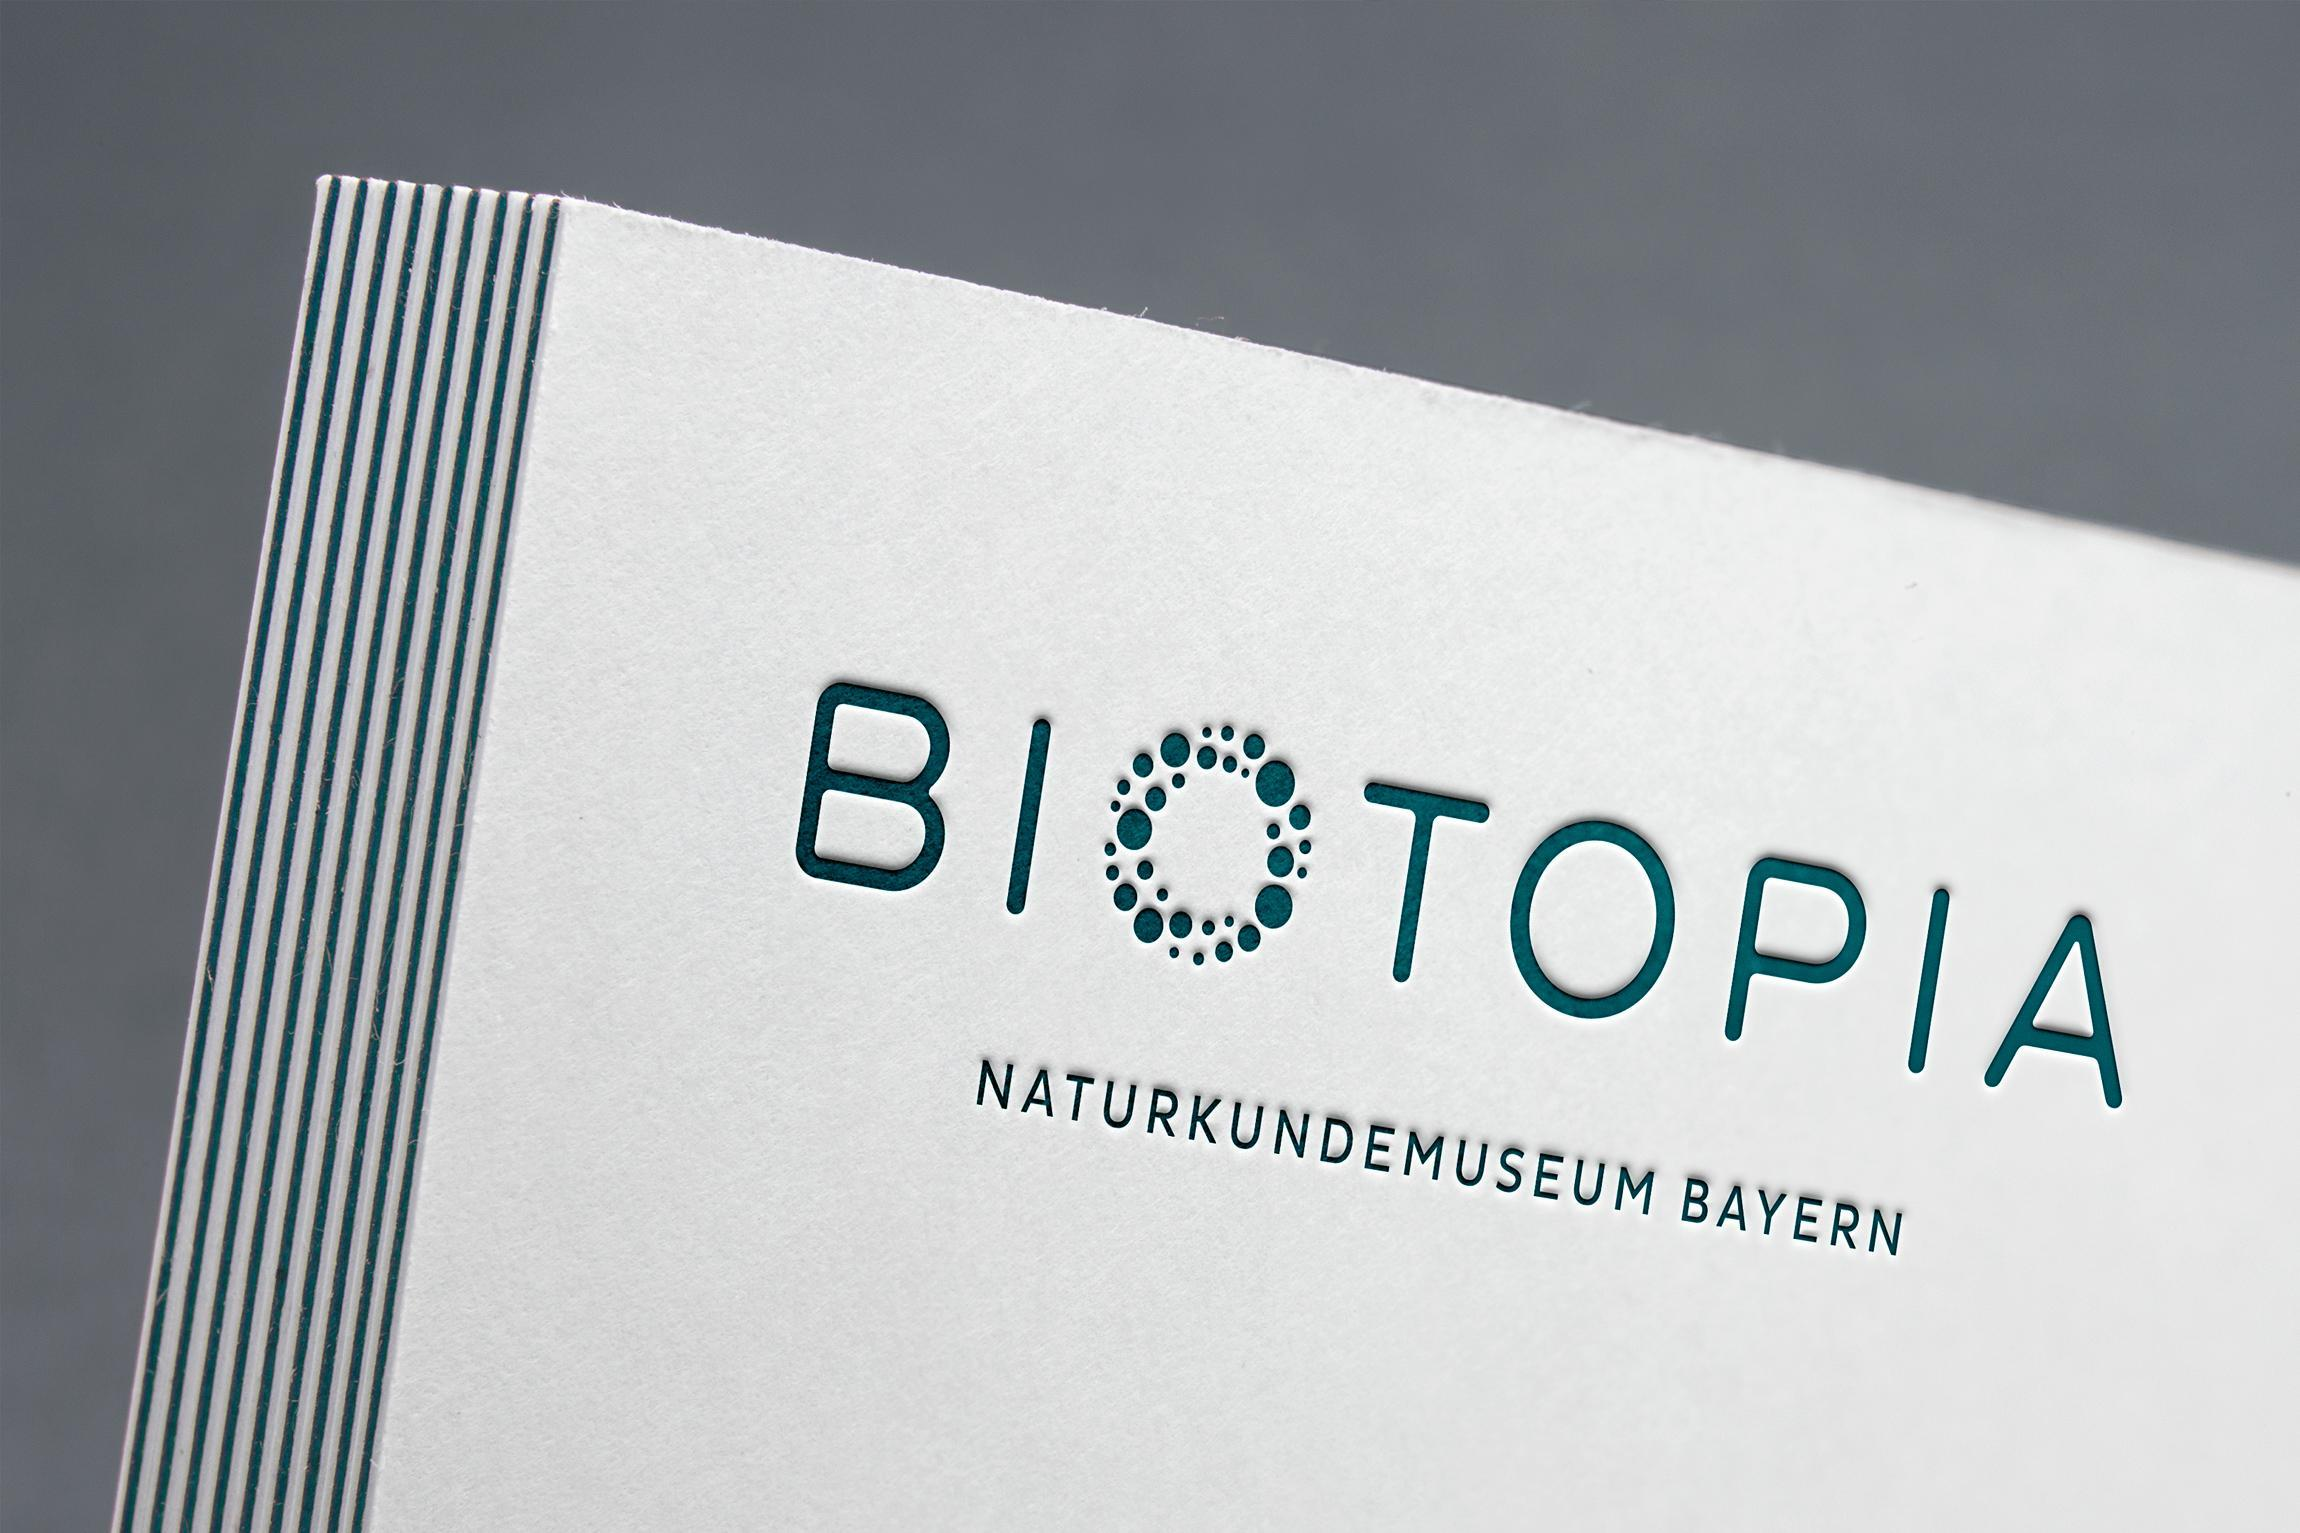 biotopia-museum-erscheinungsbild-brand-story-06.jpg